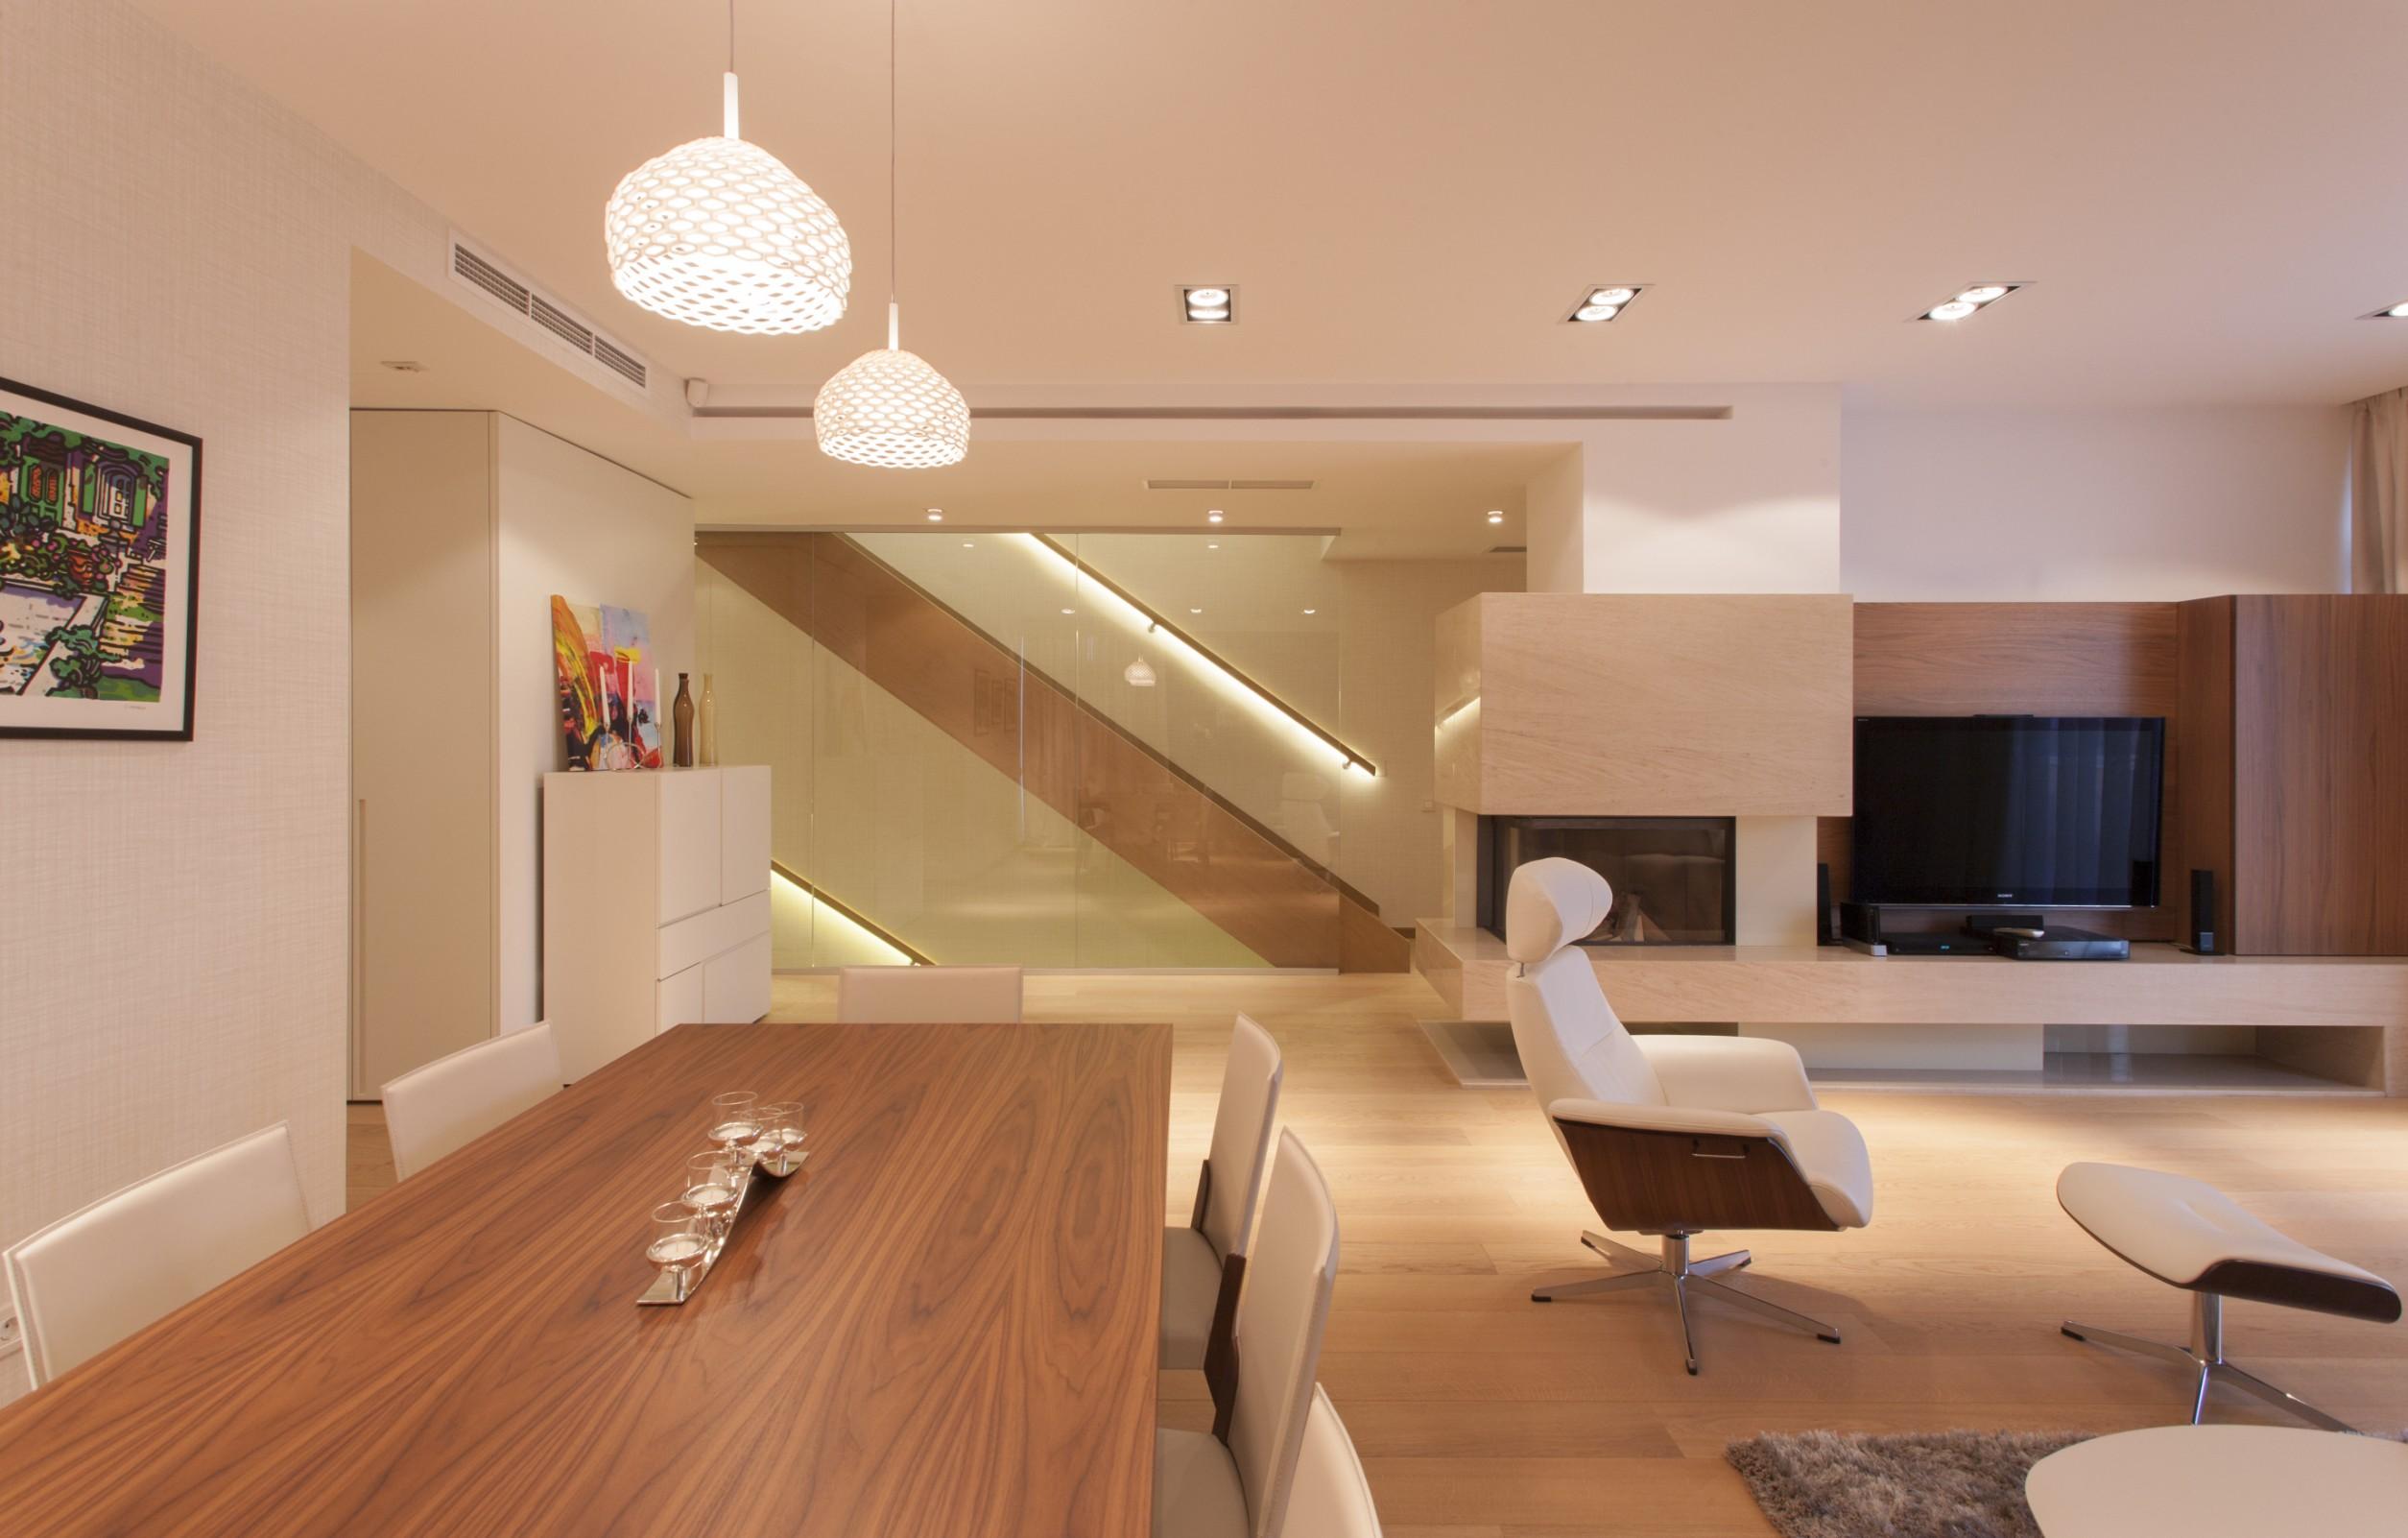 https://nbc-arhitect.ro/wp-content/uploads/2020/11/NBC-Arhitect-_-interior-design-_-Petofi-Sandor-_-Romania_19.jpg